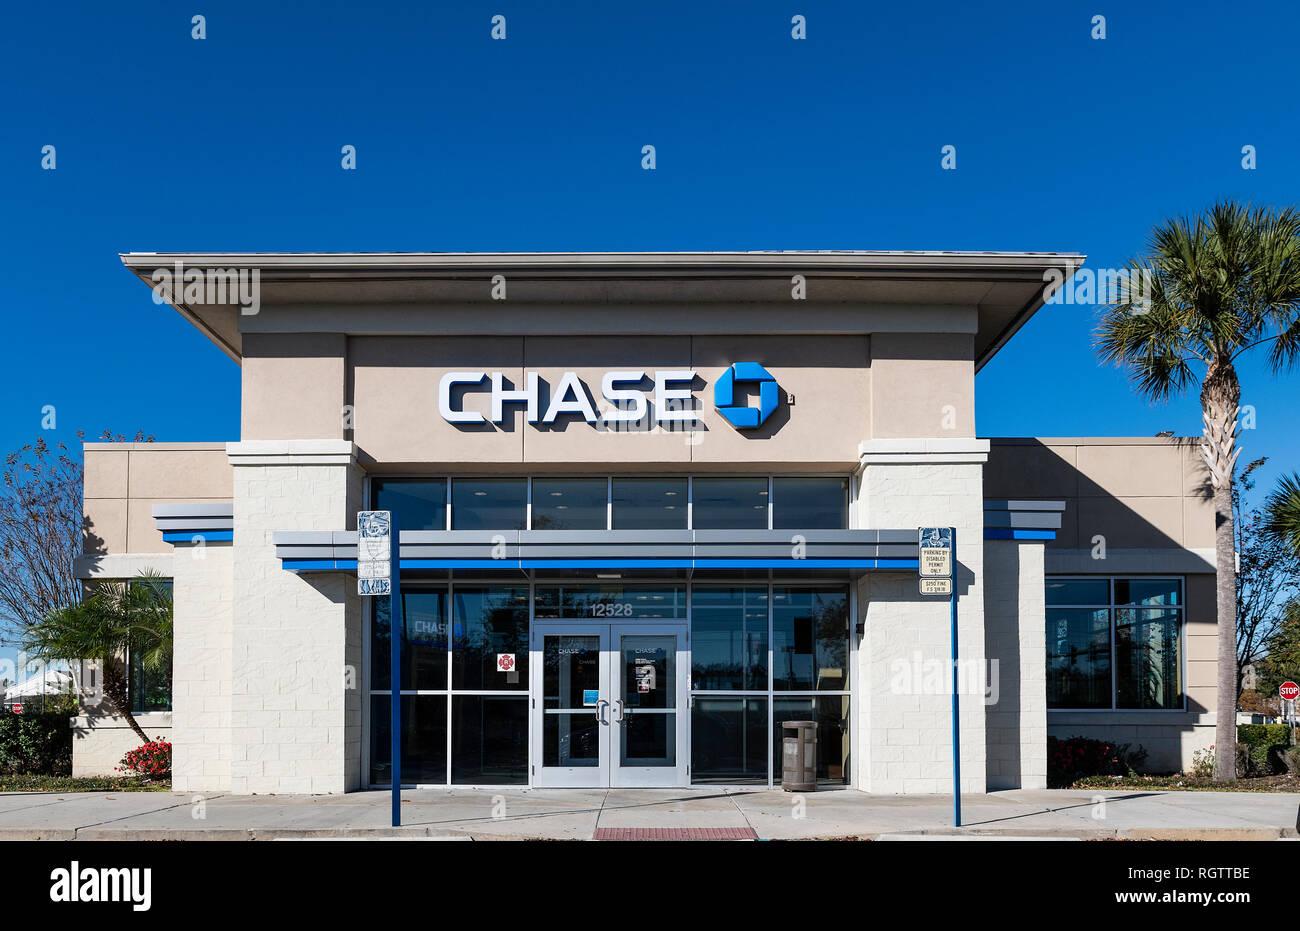 Chase Bank Branch, Orlando, Floride, USA. Photo Stock